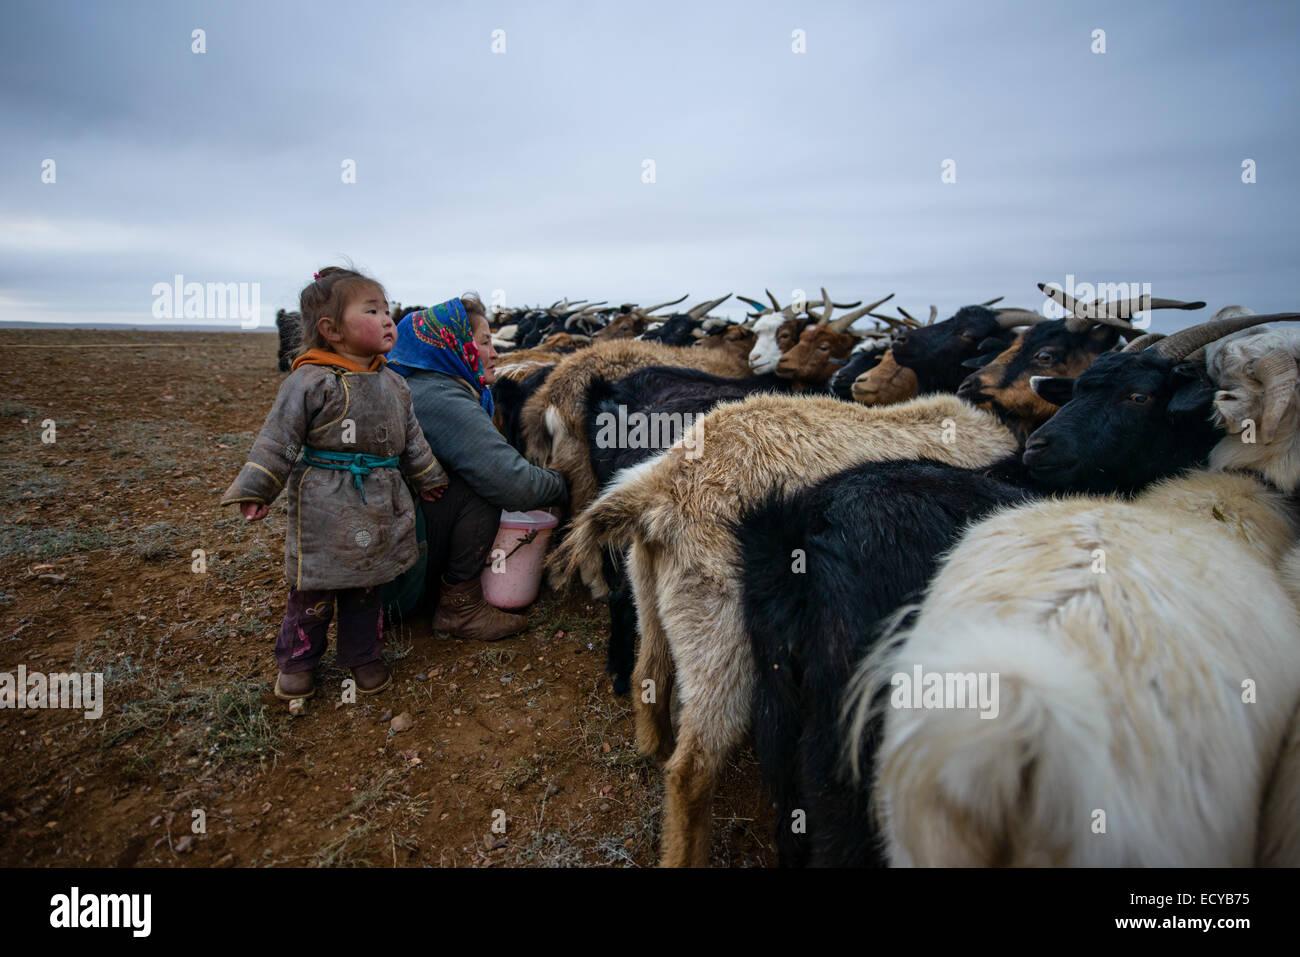 Los nómadas mongoles ordeñar las cabras en el desierto de Gobi, Mongolia Imagen De Stock